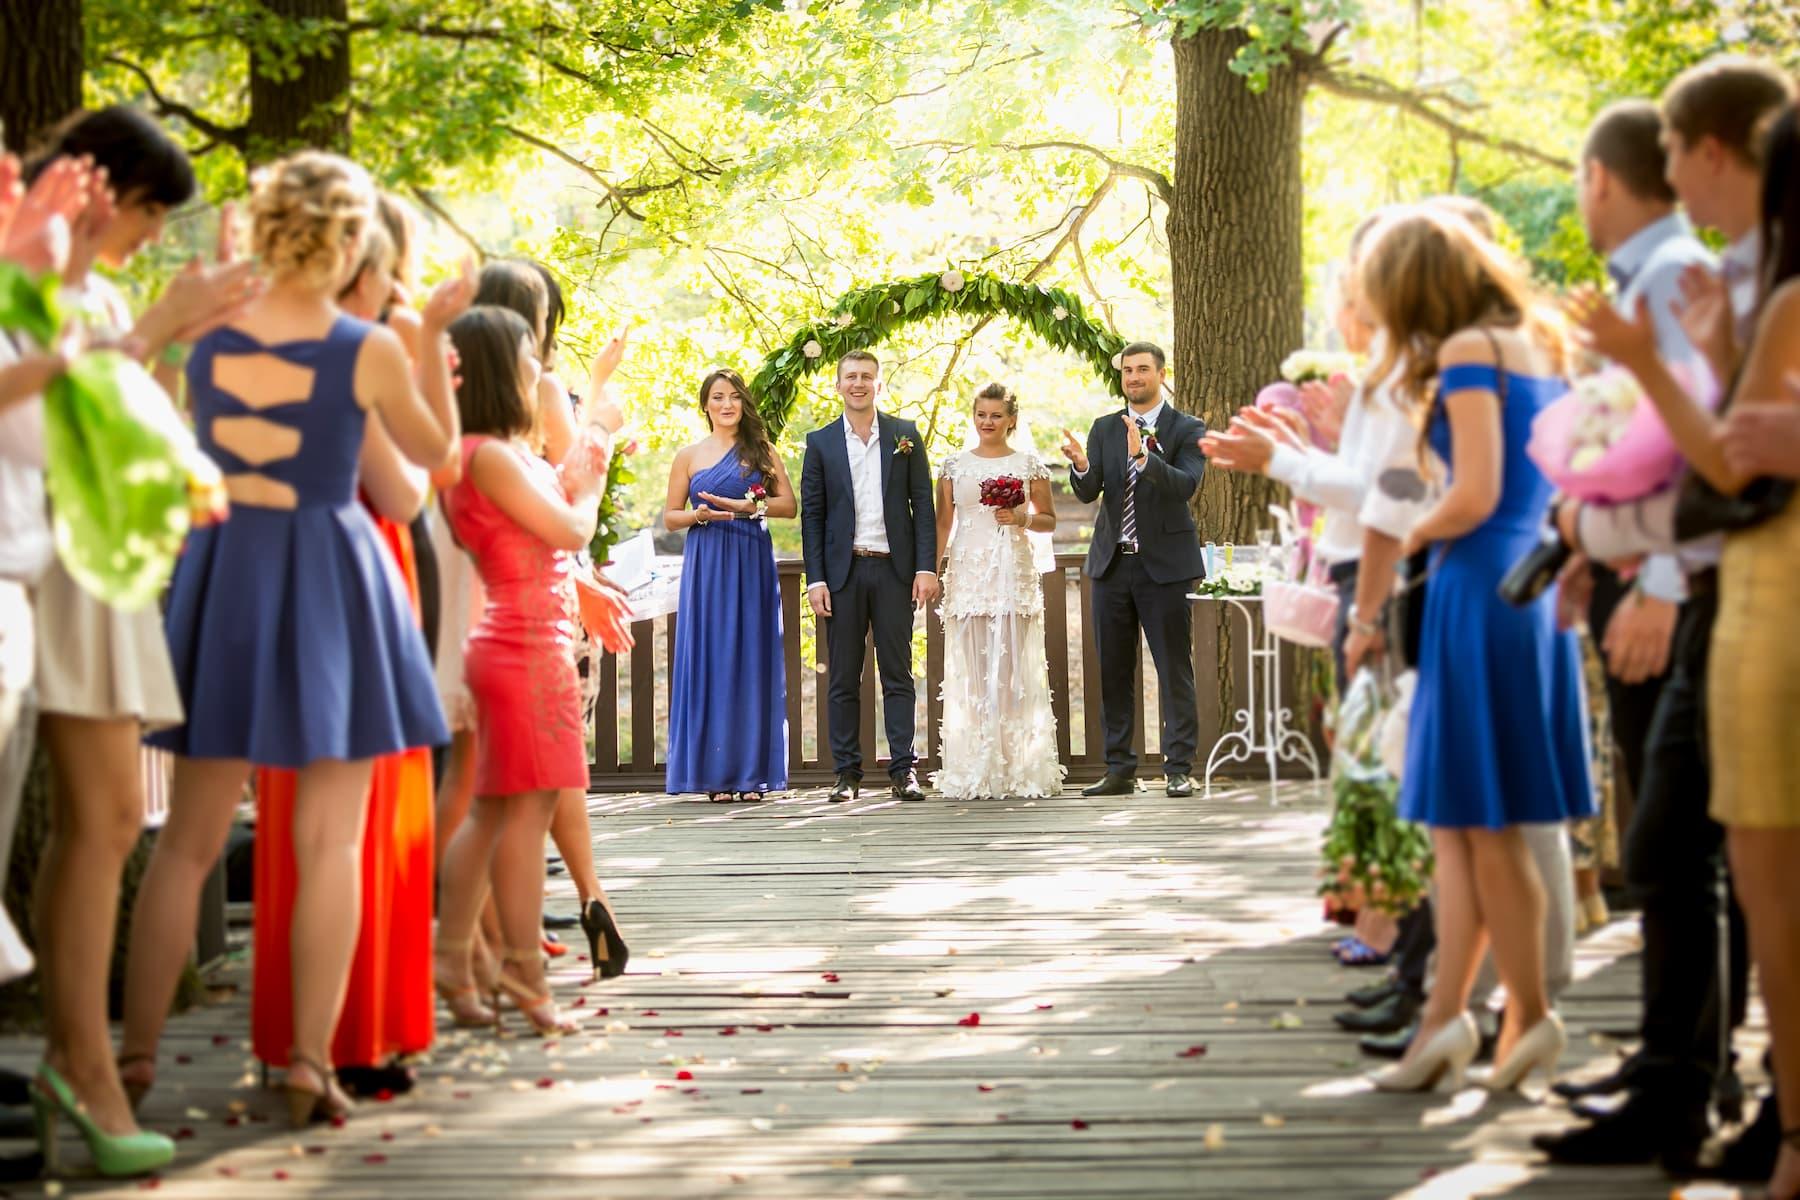 gość na ślub cywilny, ślub urzędowy, co ubrać, wesele po ślubie cywilnym